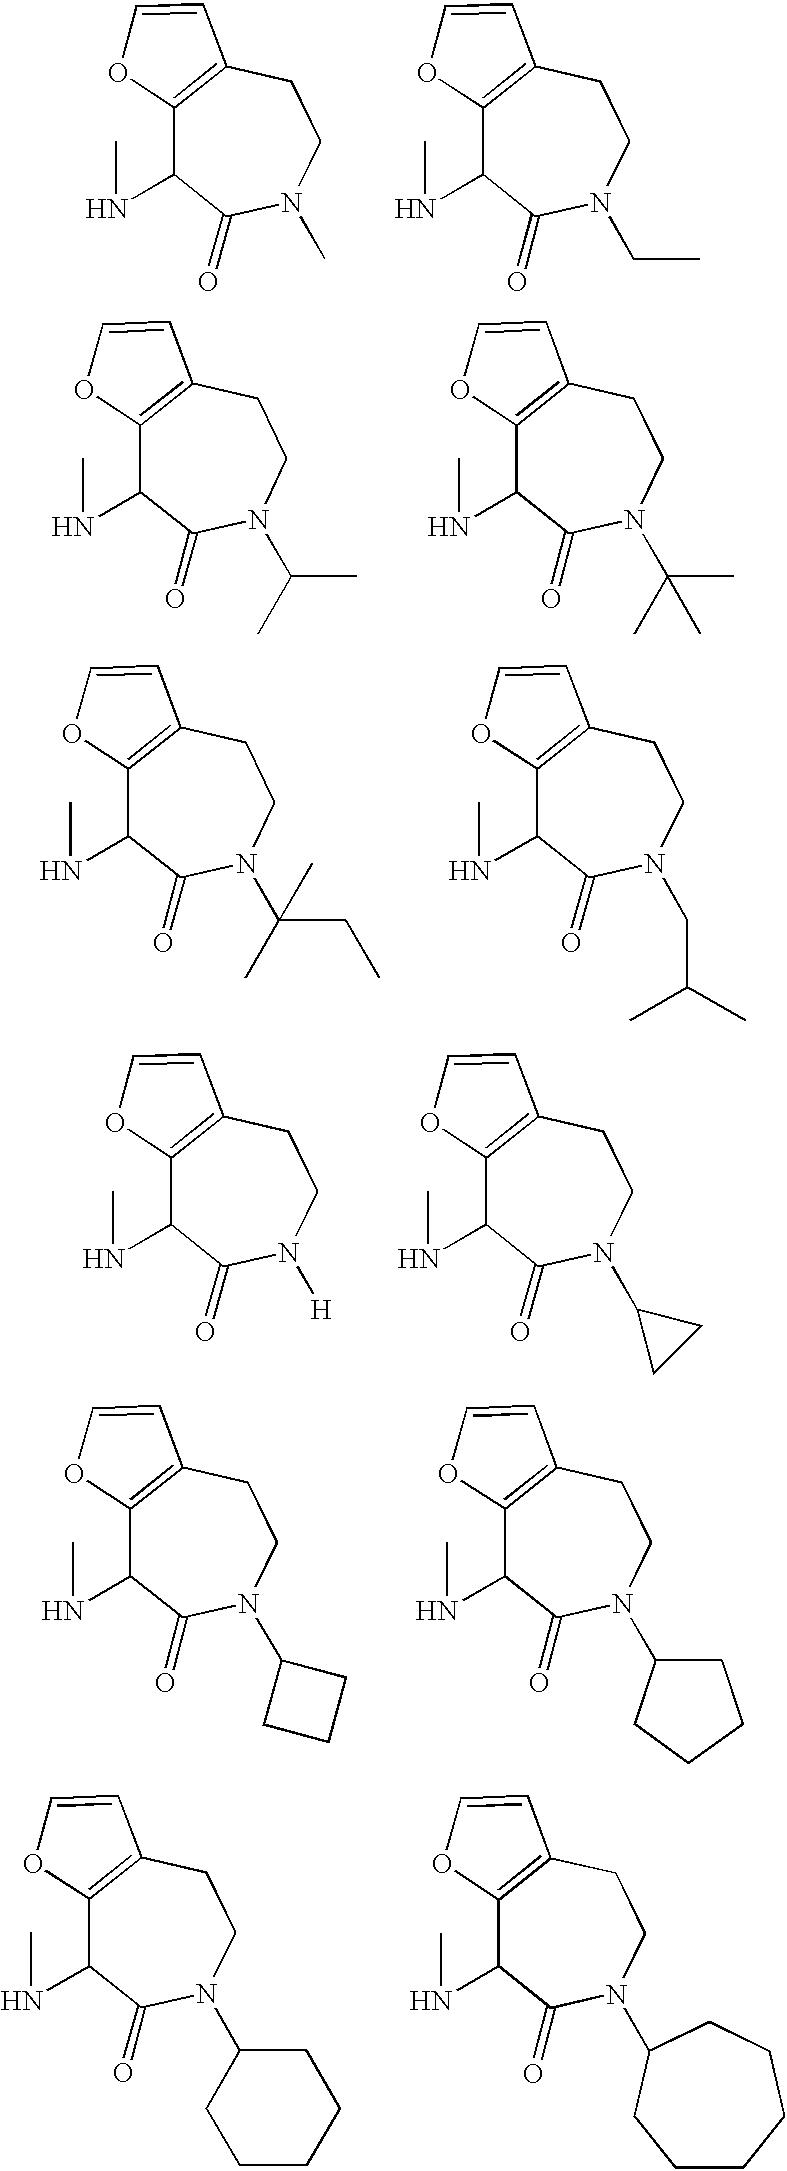 Figure US06509331-20030121-C00076